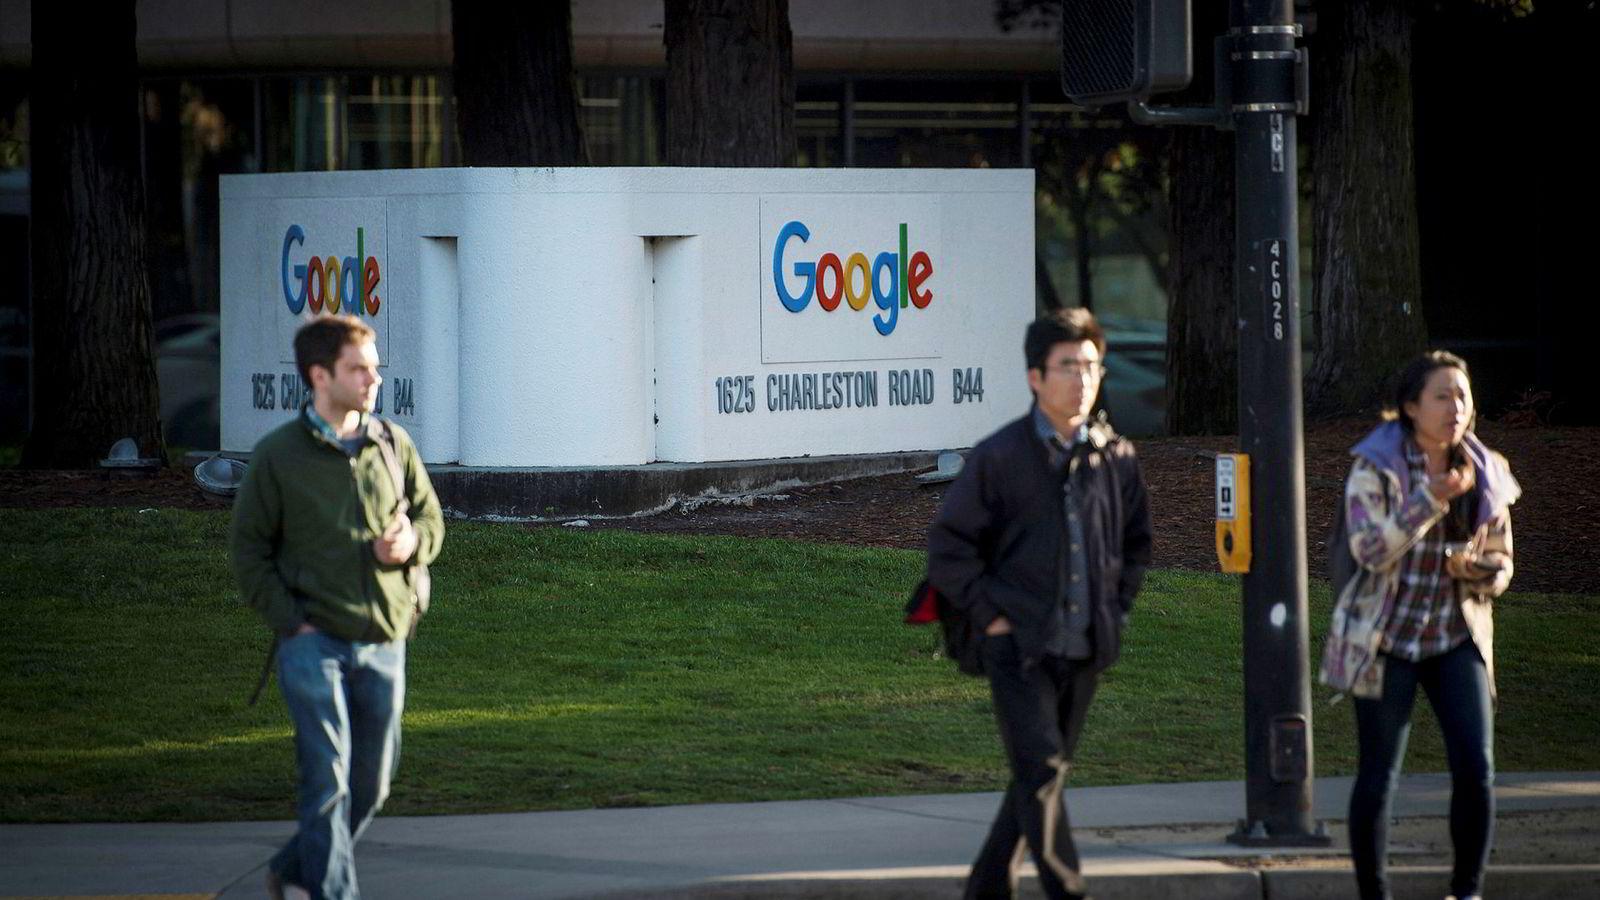 Det jeg kaller Den usynlige hånd 2.0 er av nyere dato. Den finnes, til tross for at heller ikke den er lett å få øye på. Her fra Googles hovedkvarter i Mountain View i California.